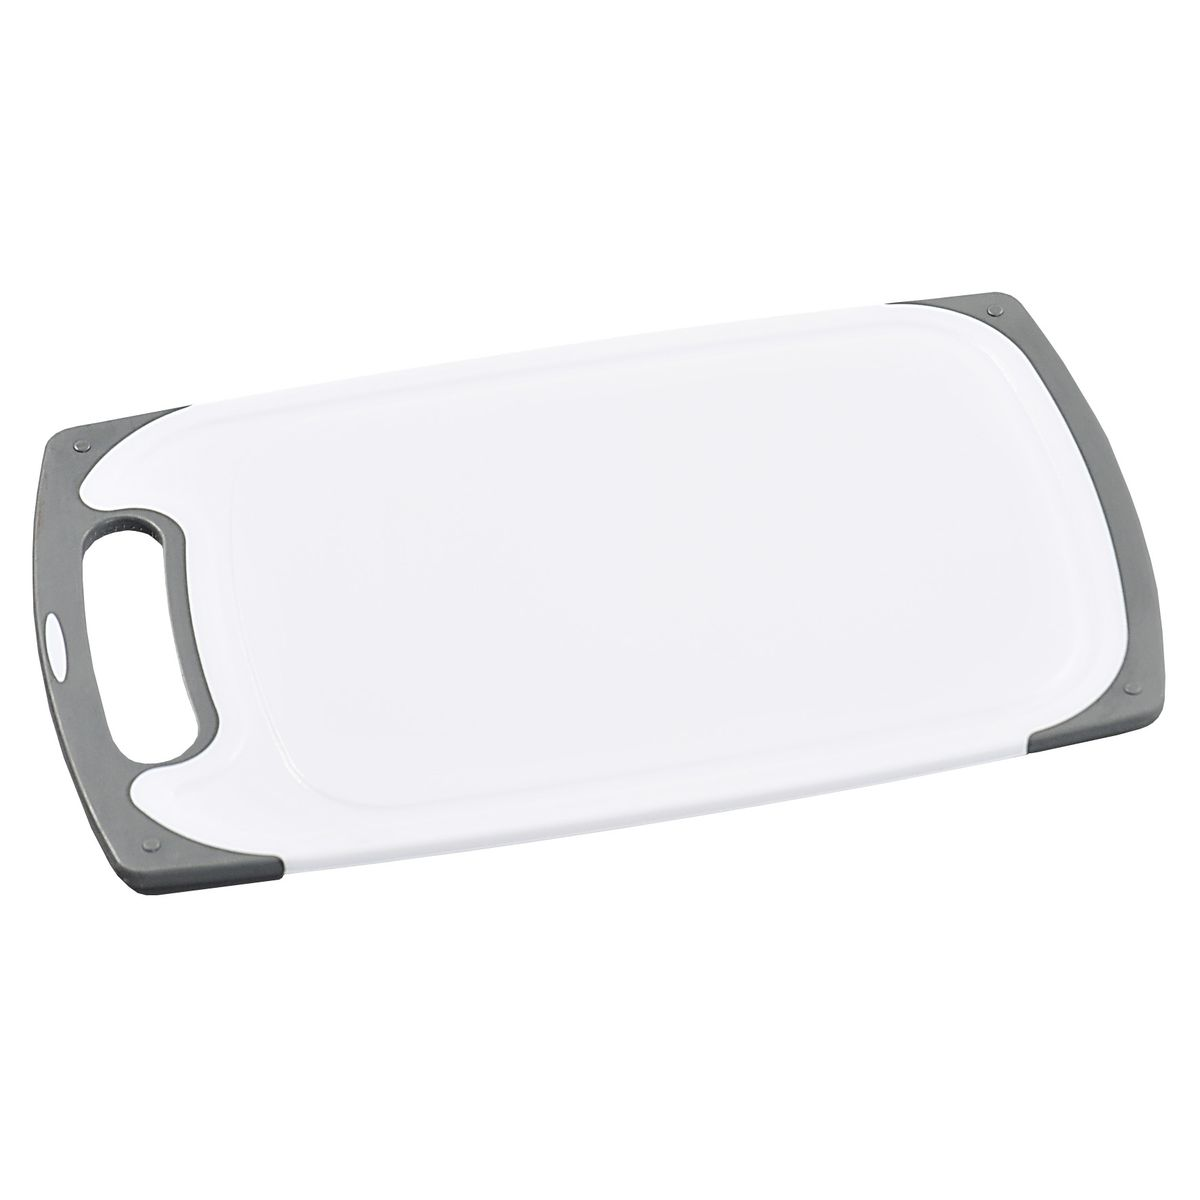 Доска разделочная Kesper, цвет: белый, серый, 31,5 см х 19,5 см х 1 см54 009312Разделочные доска Kesper изготовлена из высококачественного пластика. Такая доска займет достойное место среди аксессуаров на вашей кухне. Она прекрасно подойдет для нарезки любых продуктов. Доска устойчива к деформации и высоким температурам. Разделочная доска Kesper прекрасно впишется в интерьер любой кухни и прослужит вам долгие годы.